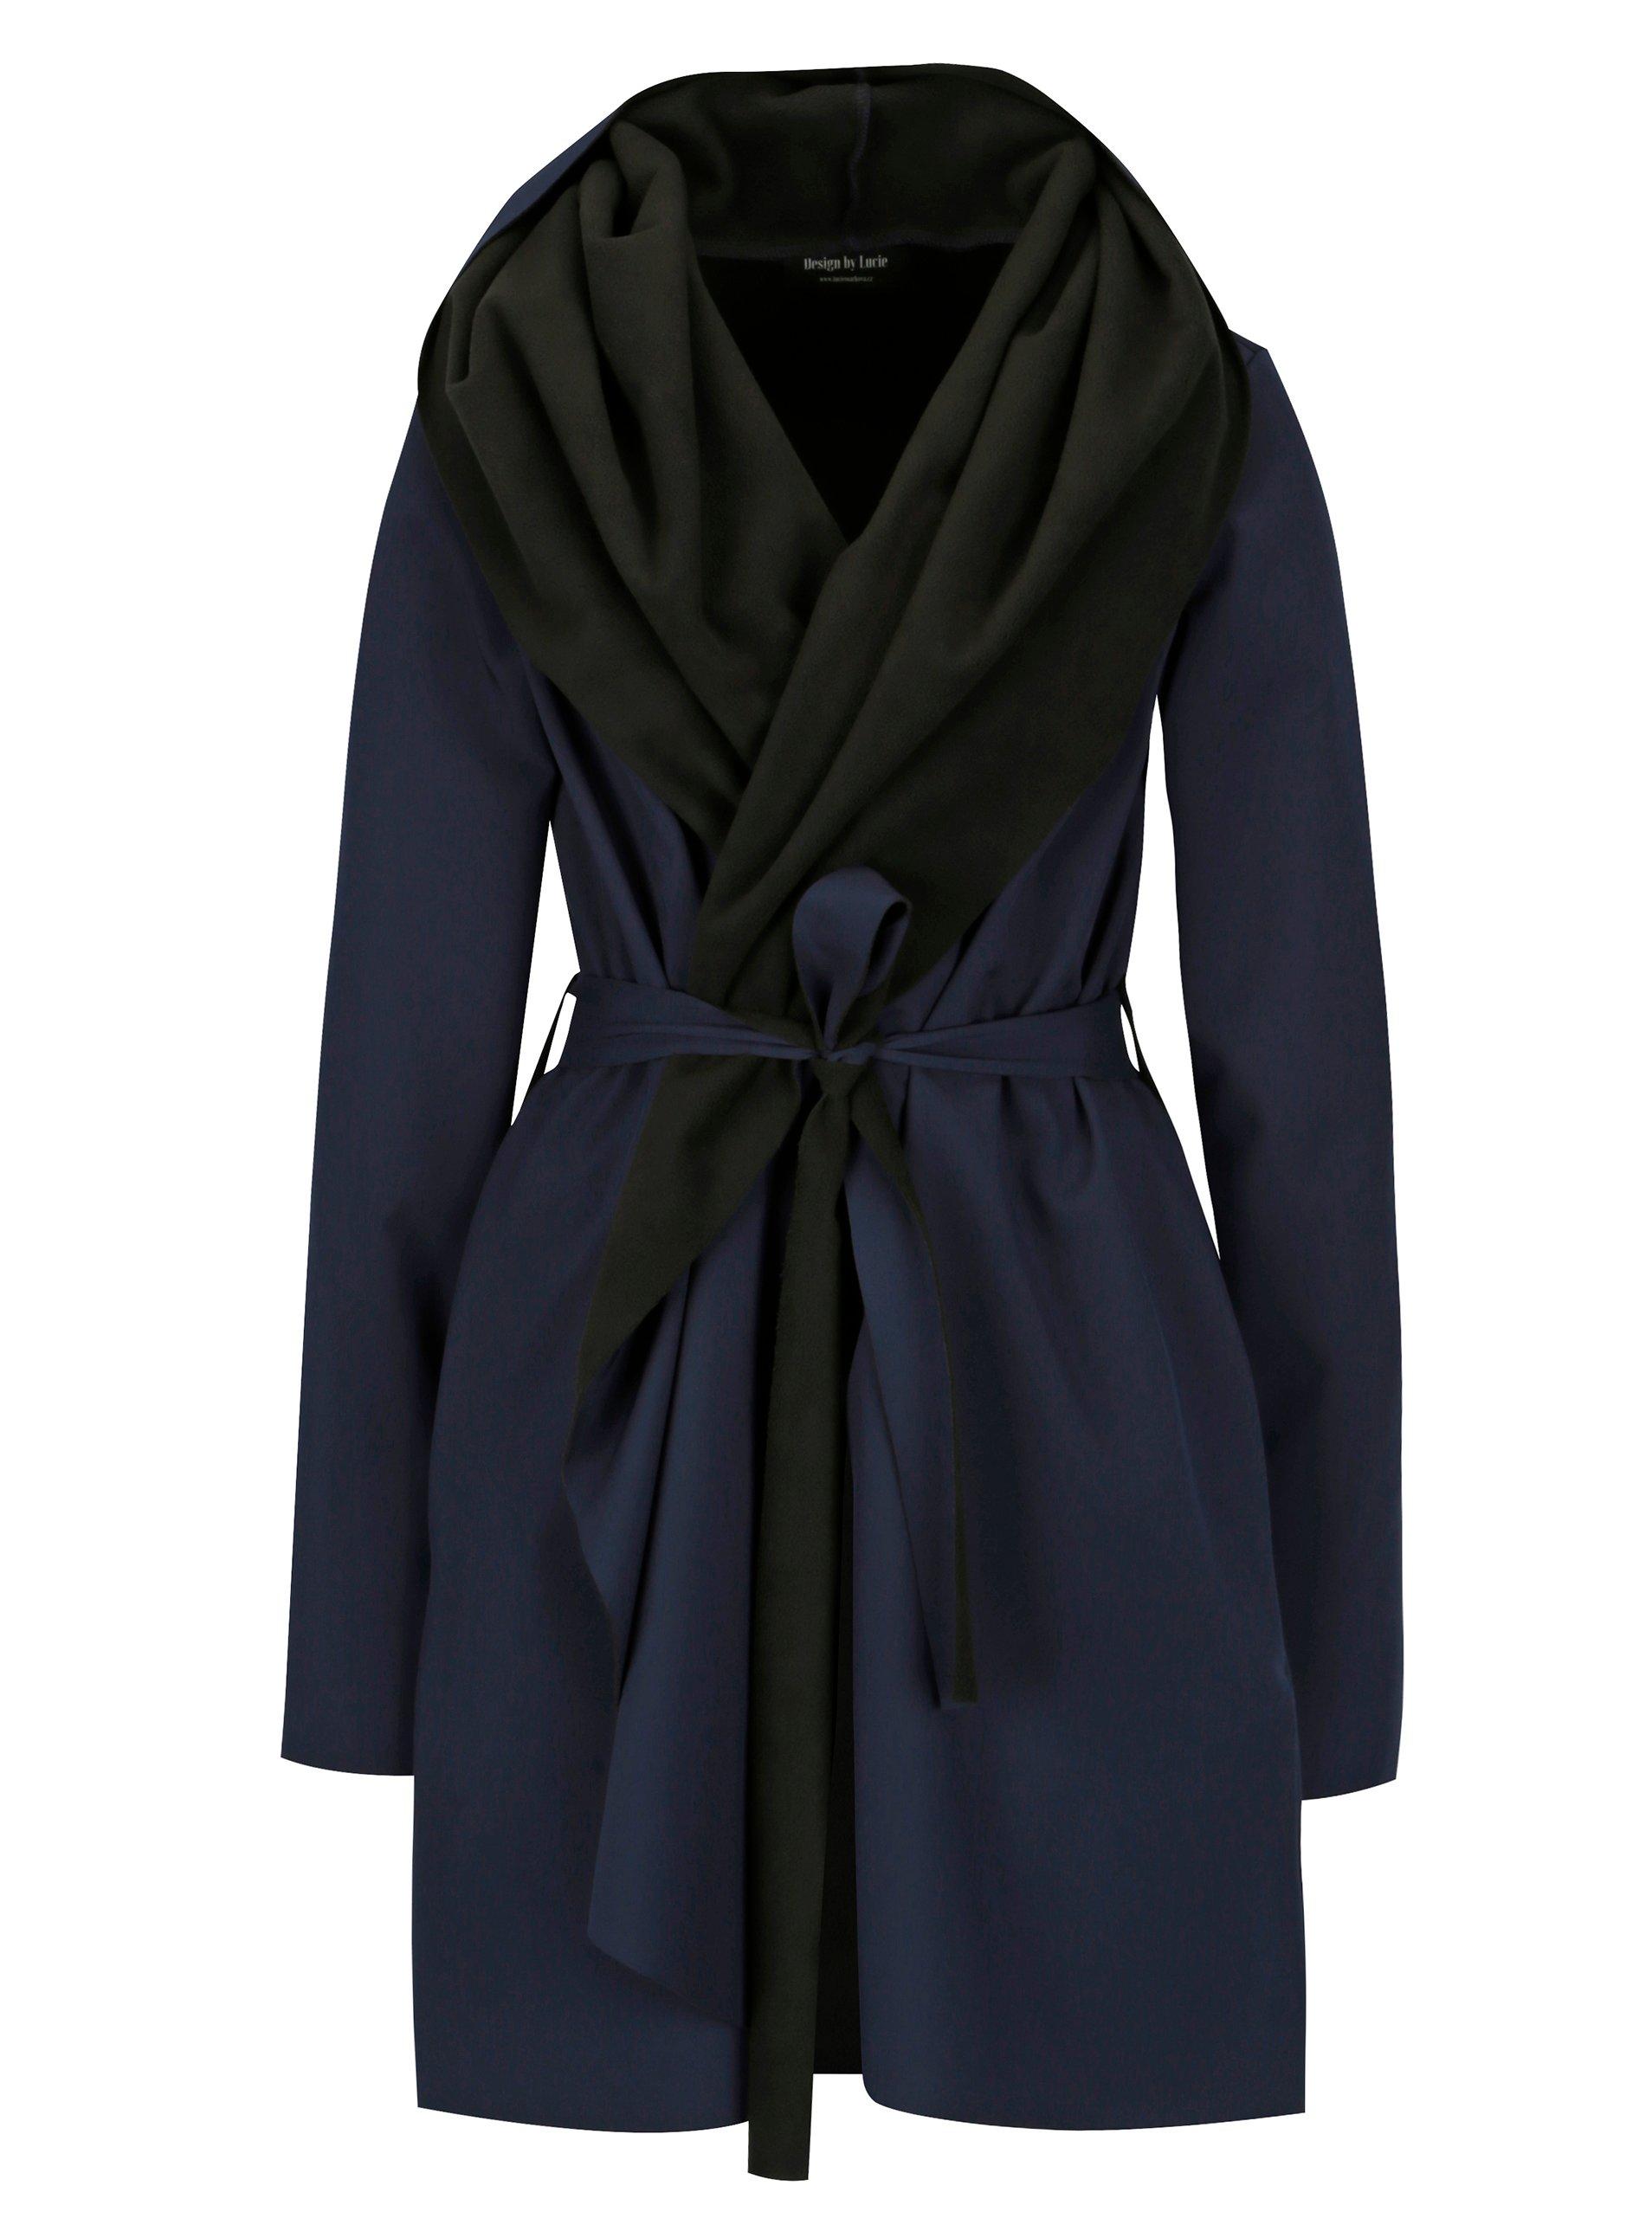 5d98316b39 Čierno-modrý vodovzdorný kabát Design by Lucie Jack Dark Blue